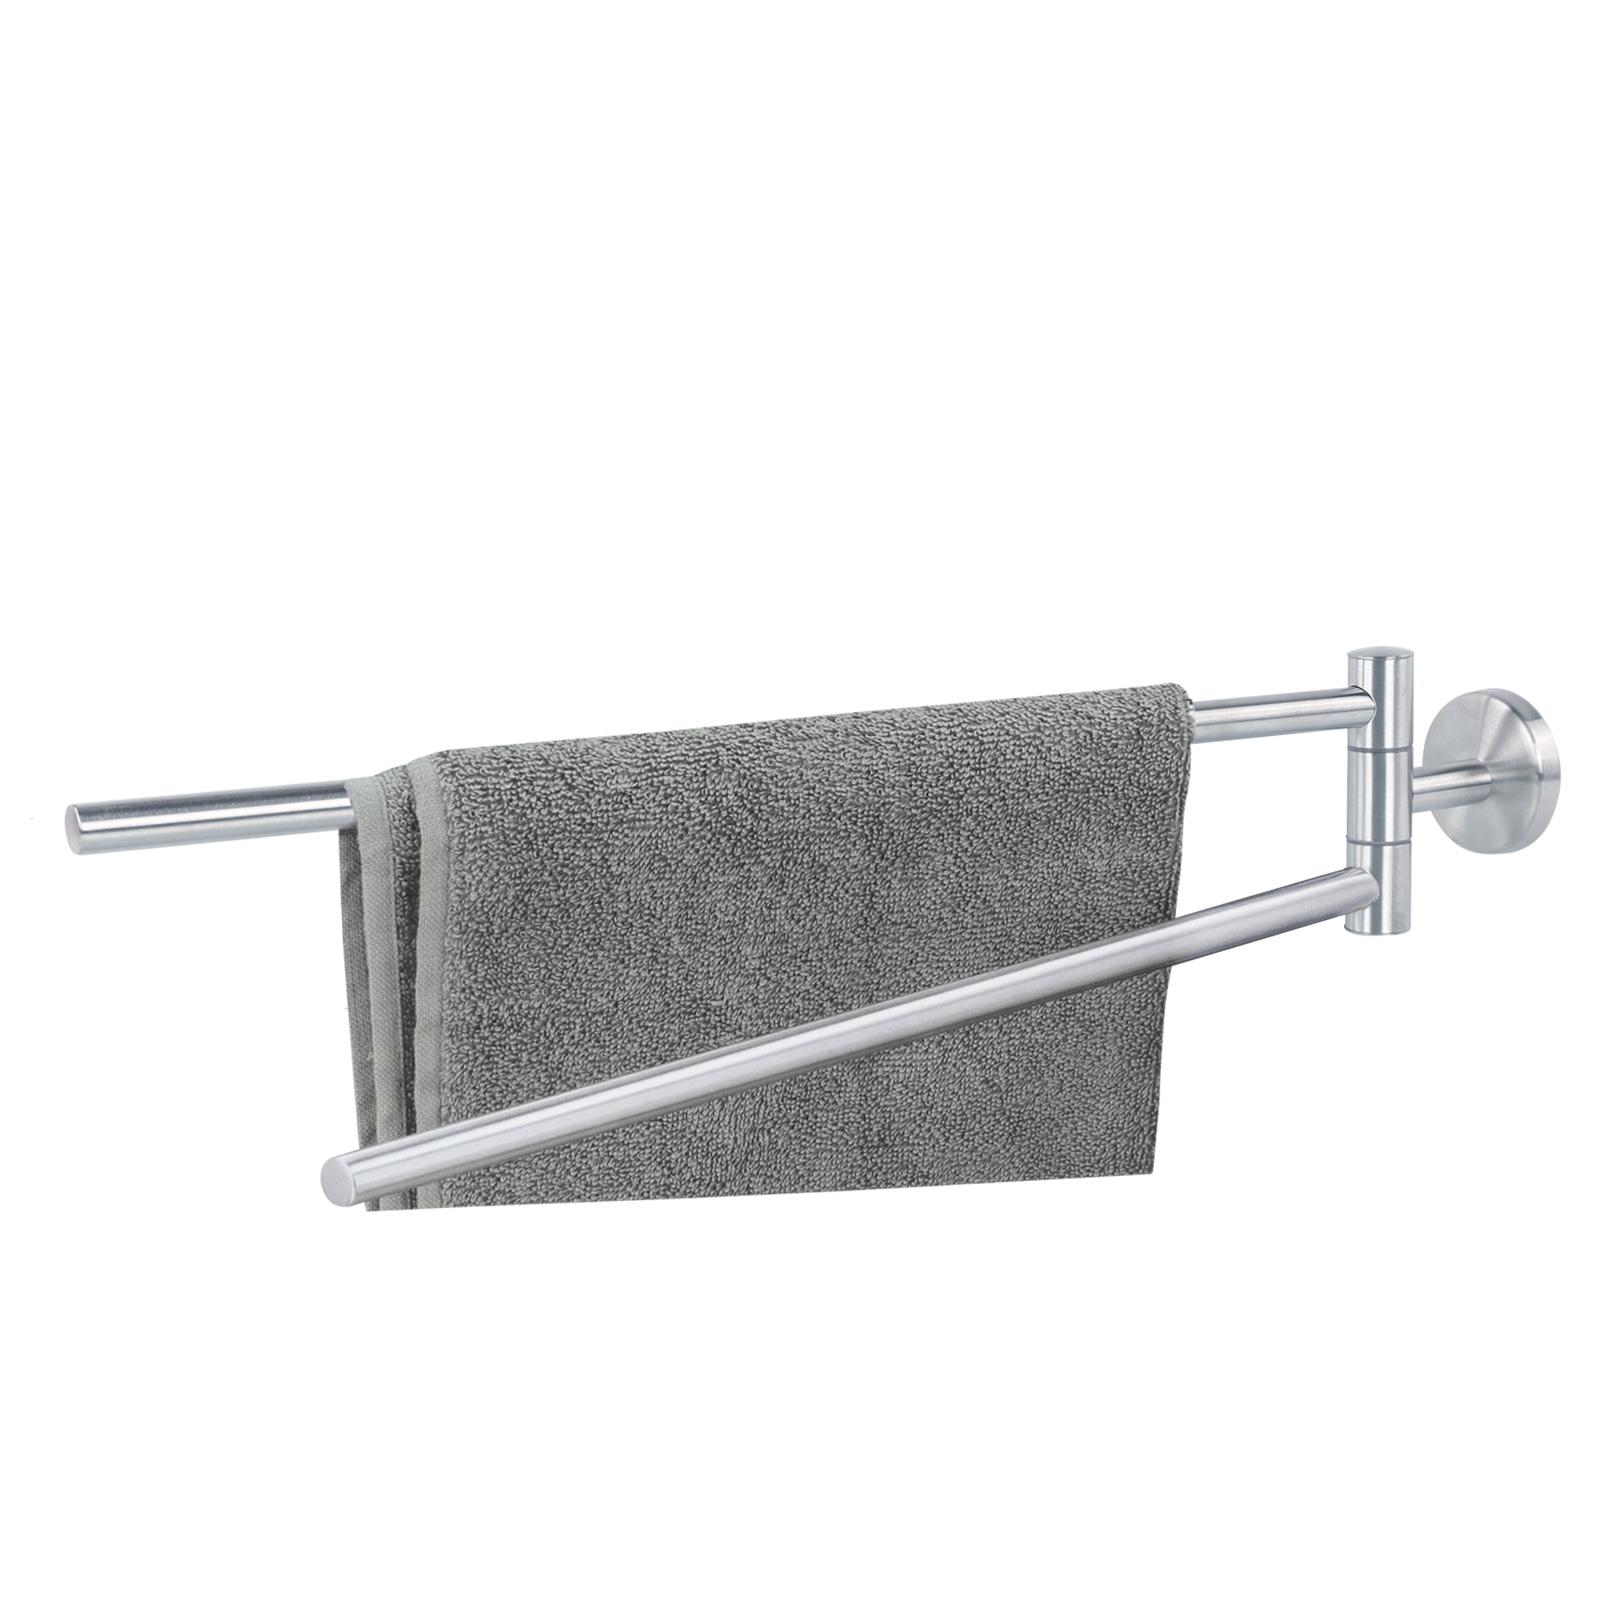 alpina® Handtuchstange 2 armig Edelstahl Inox 49cm 3Kg belastbar